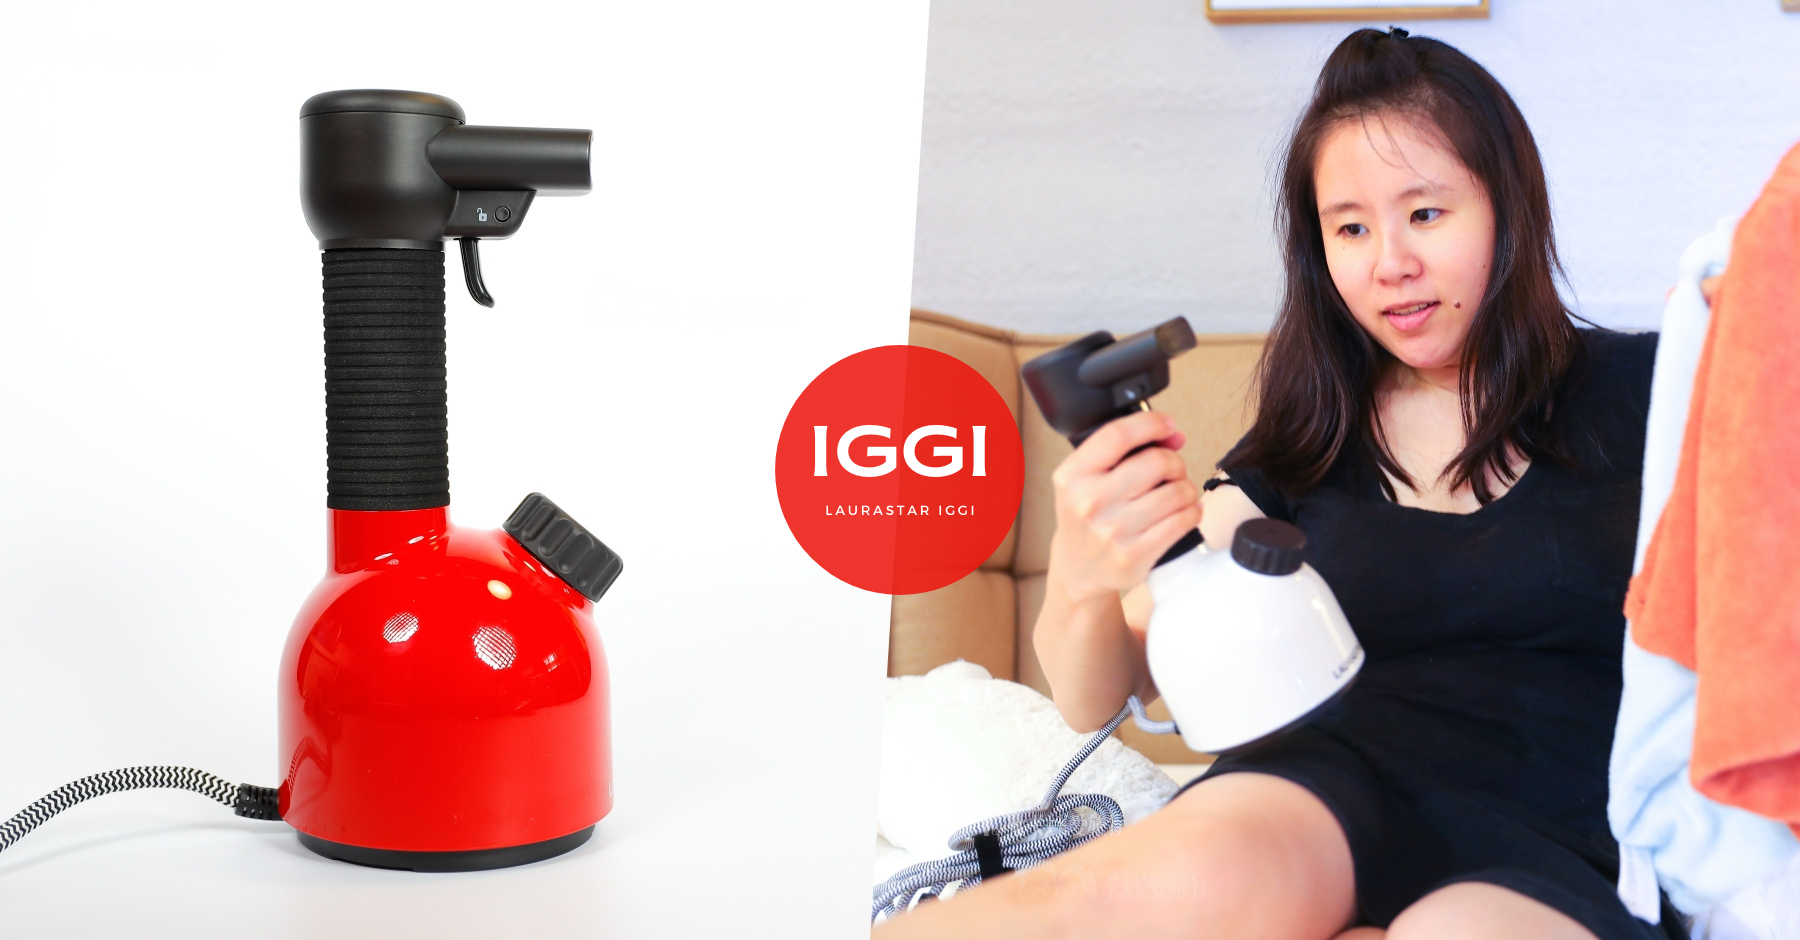 瑞士Laurastar IGGI手持蒸汽掛燙機評價優點缺點心得分享 美型蒸氣掛燙電燙斗好用團購